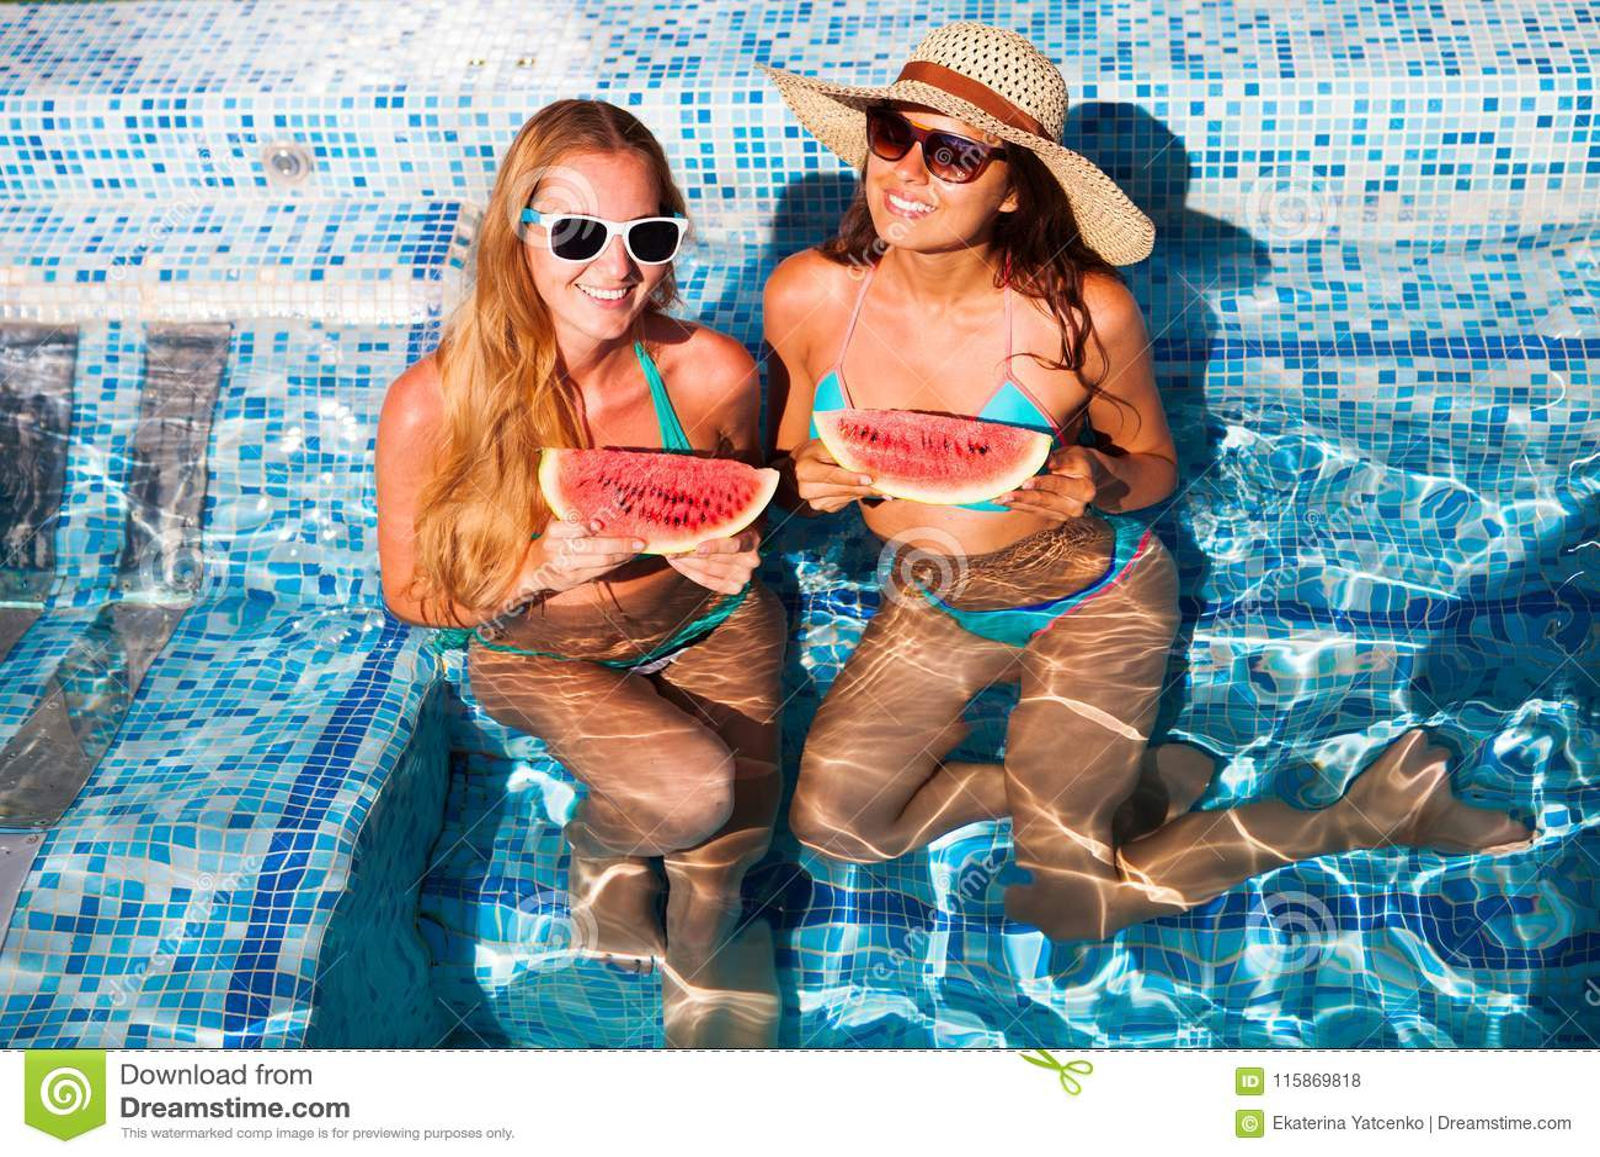 De meisjes houdt de helft van een rode watermeloen over een blauwe pool, ontspannen